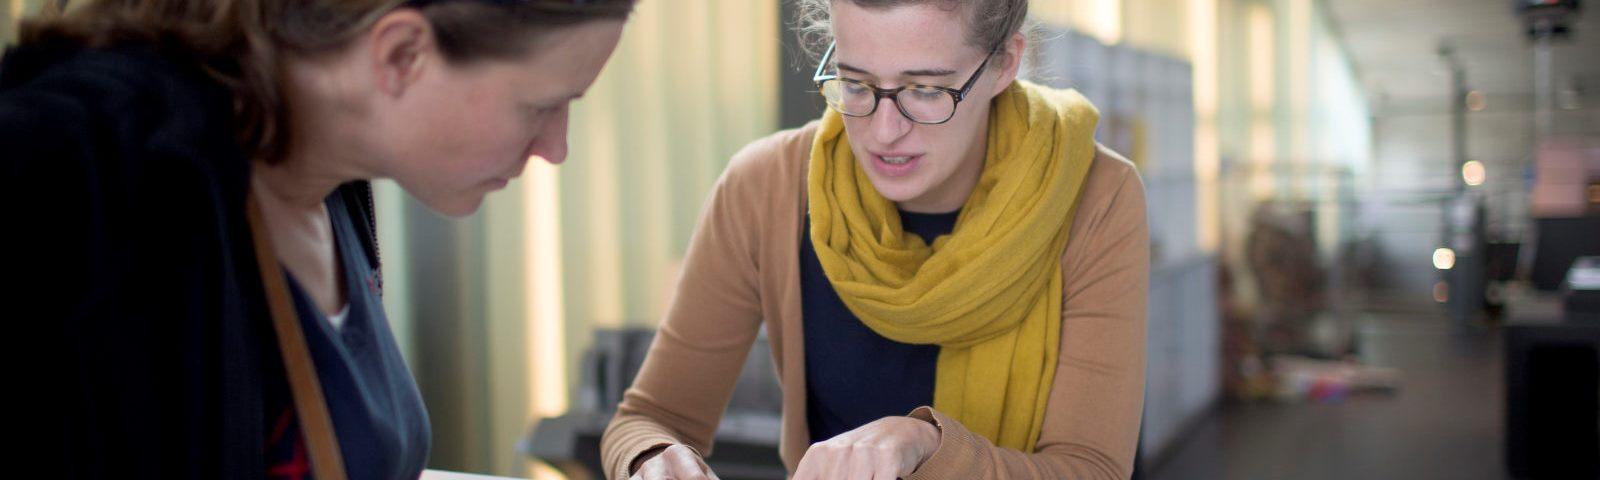 Oost-Vlaamse infokantoren aan de slag met mystery visits